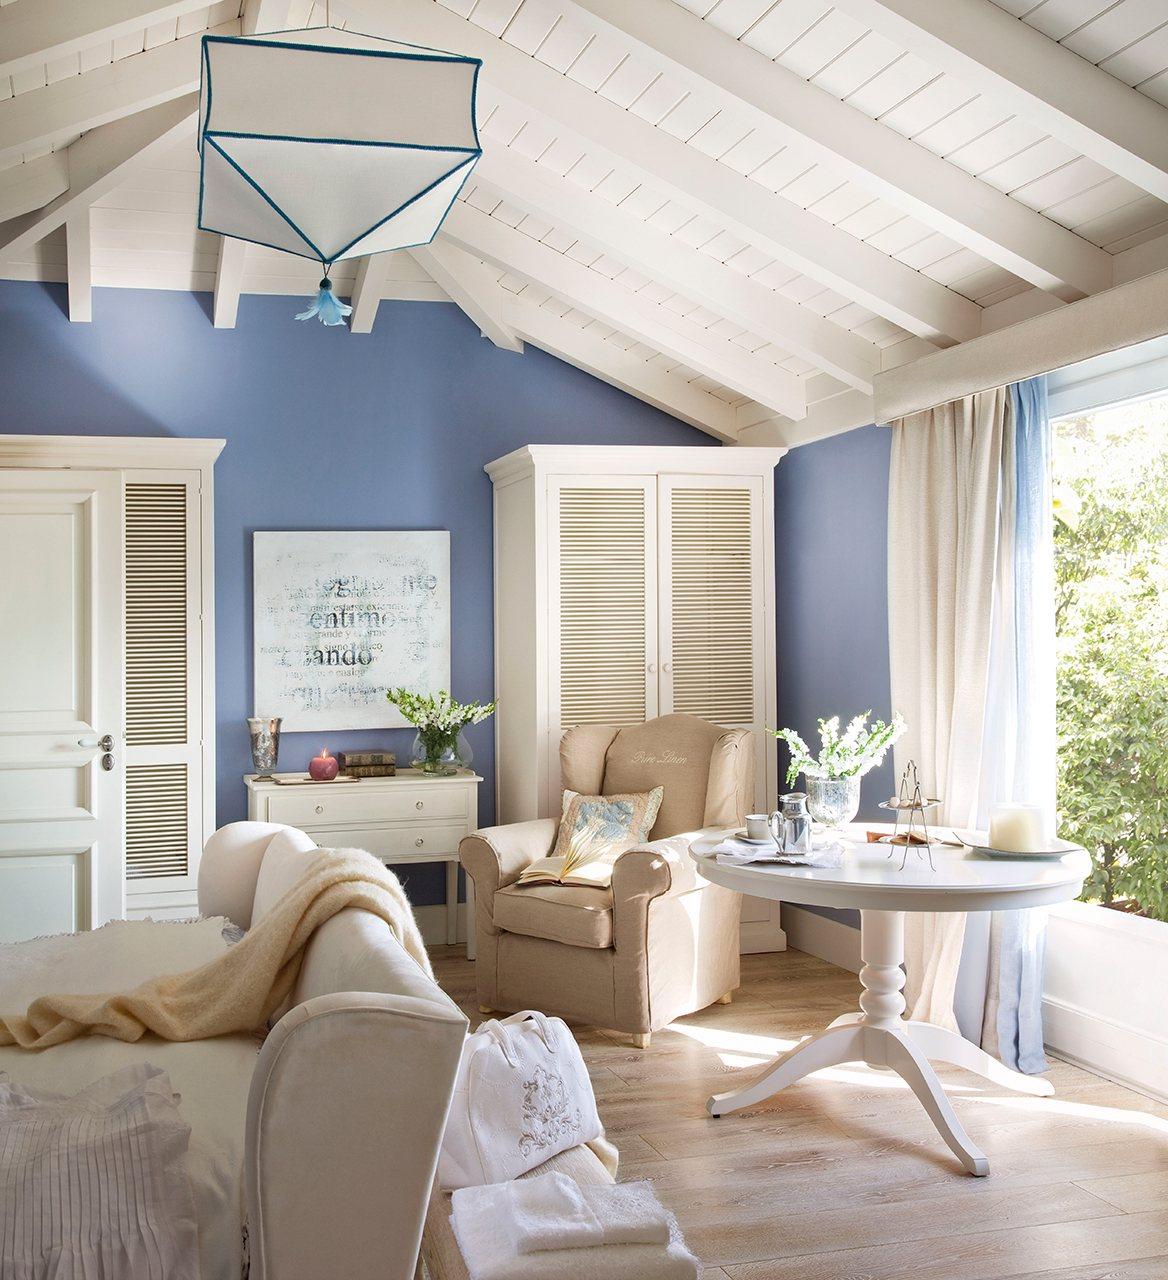 Haz que tu casa crezca - Vigas madera techo ...